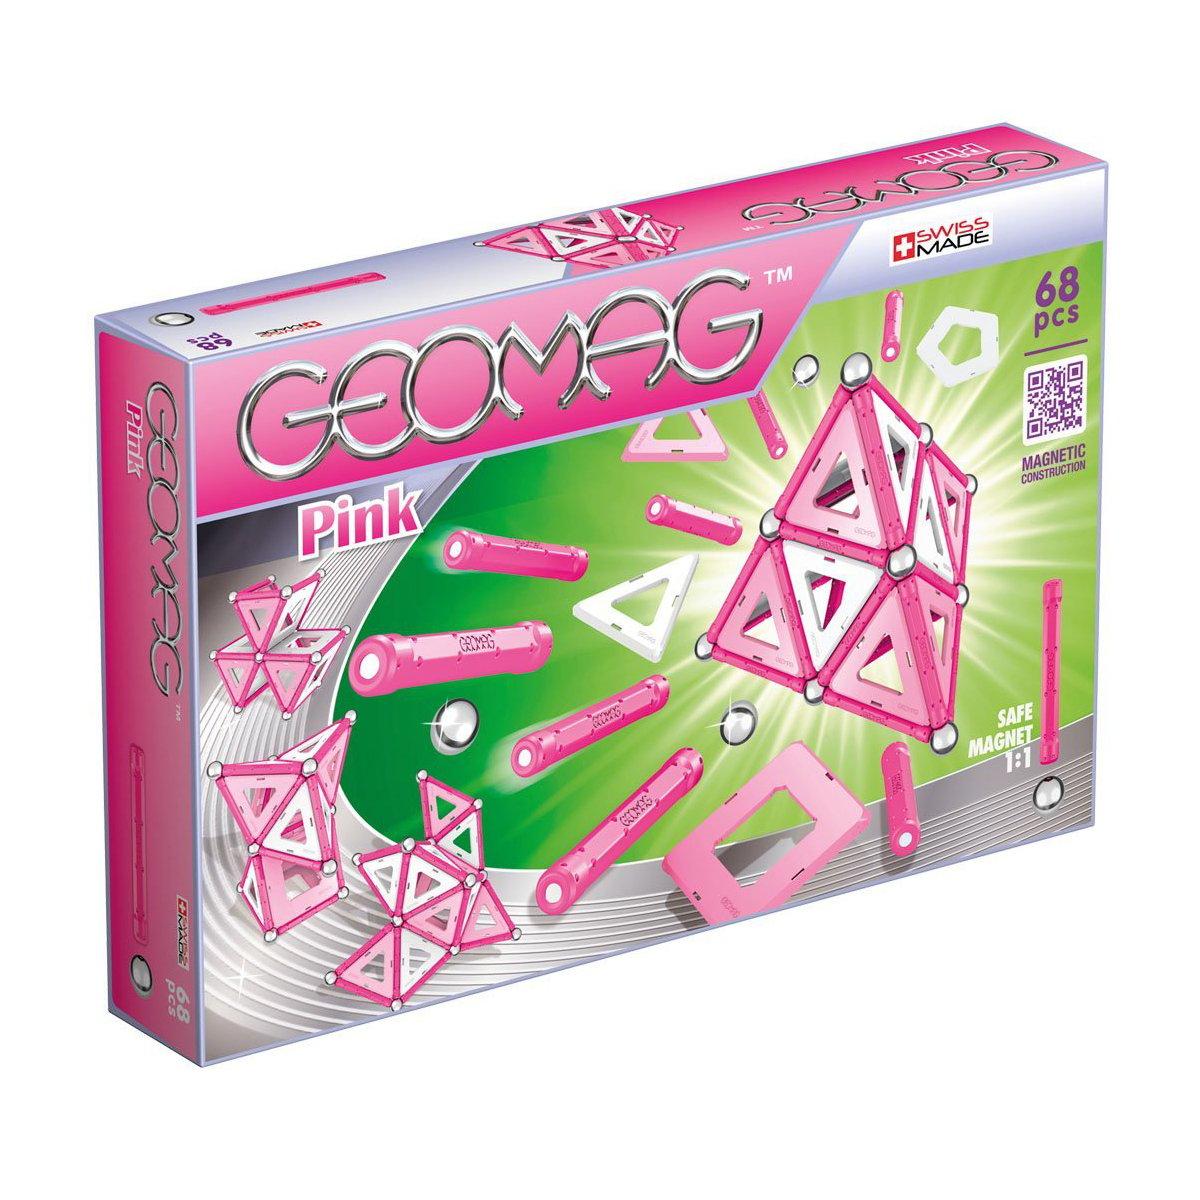 Joc de constructie magnetic Geomag Pink, 68 piese